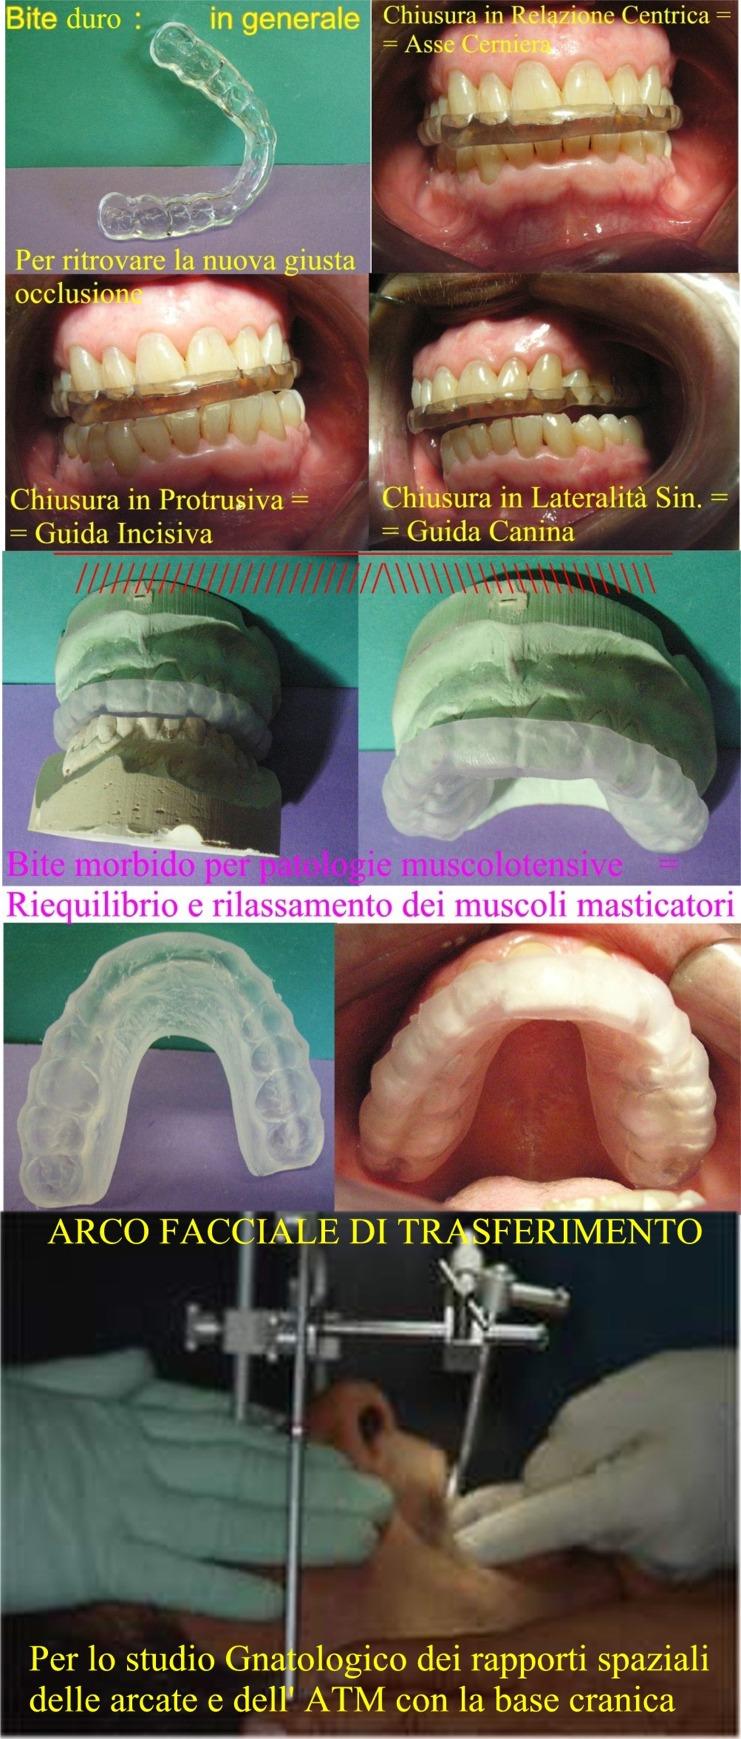 Diversi tipi di Bite e Arco Facciale di Trasferimento nelle valutazioni Gnatologiche. Da casistica del Dr. Gustavo Petti Parodontologo Gnatologo di Cagliari